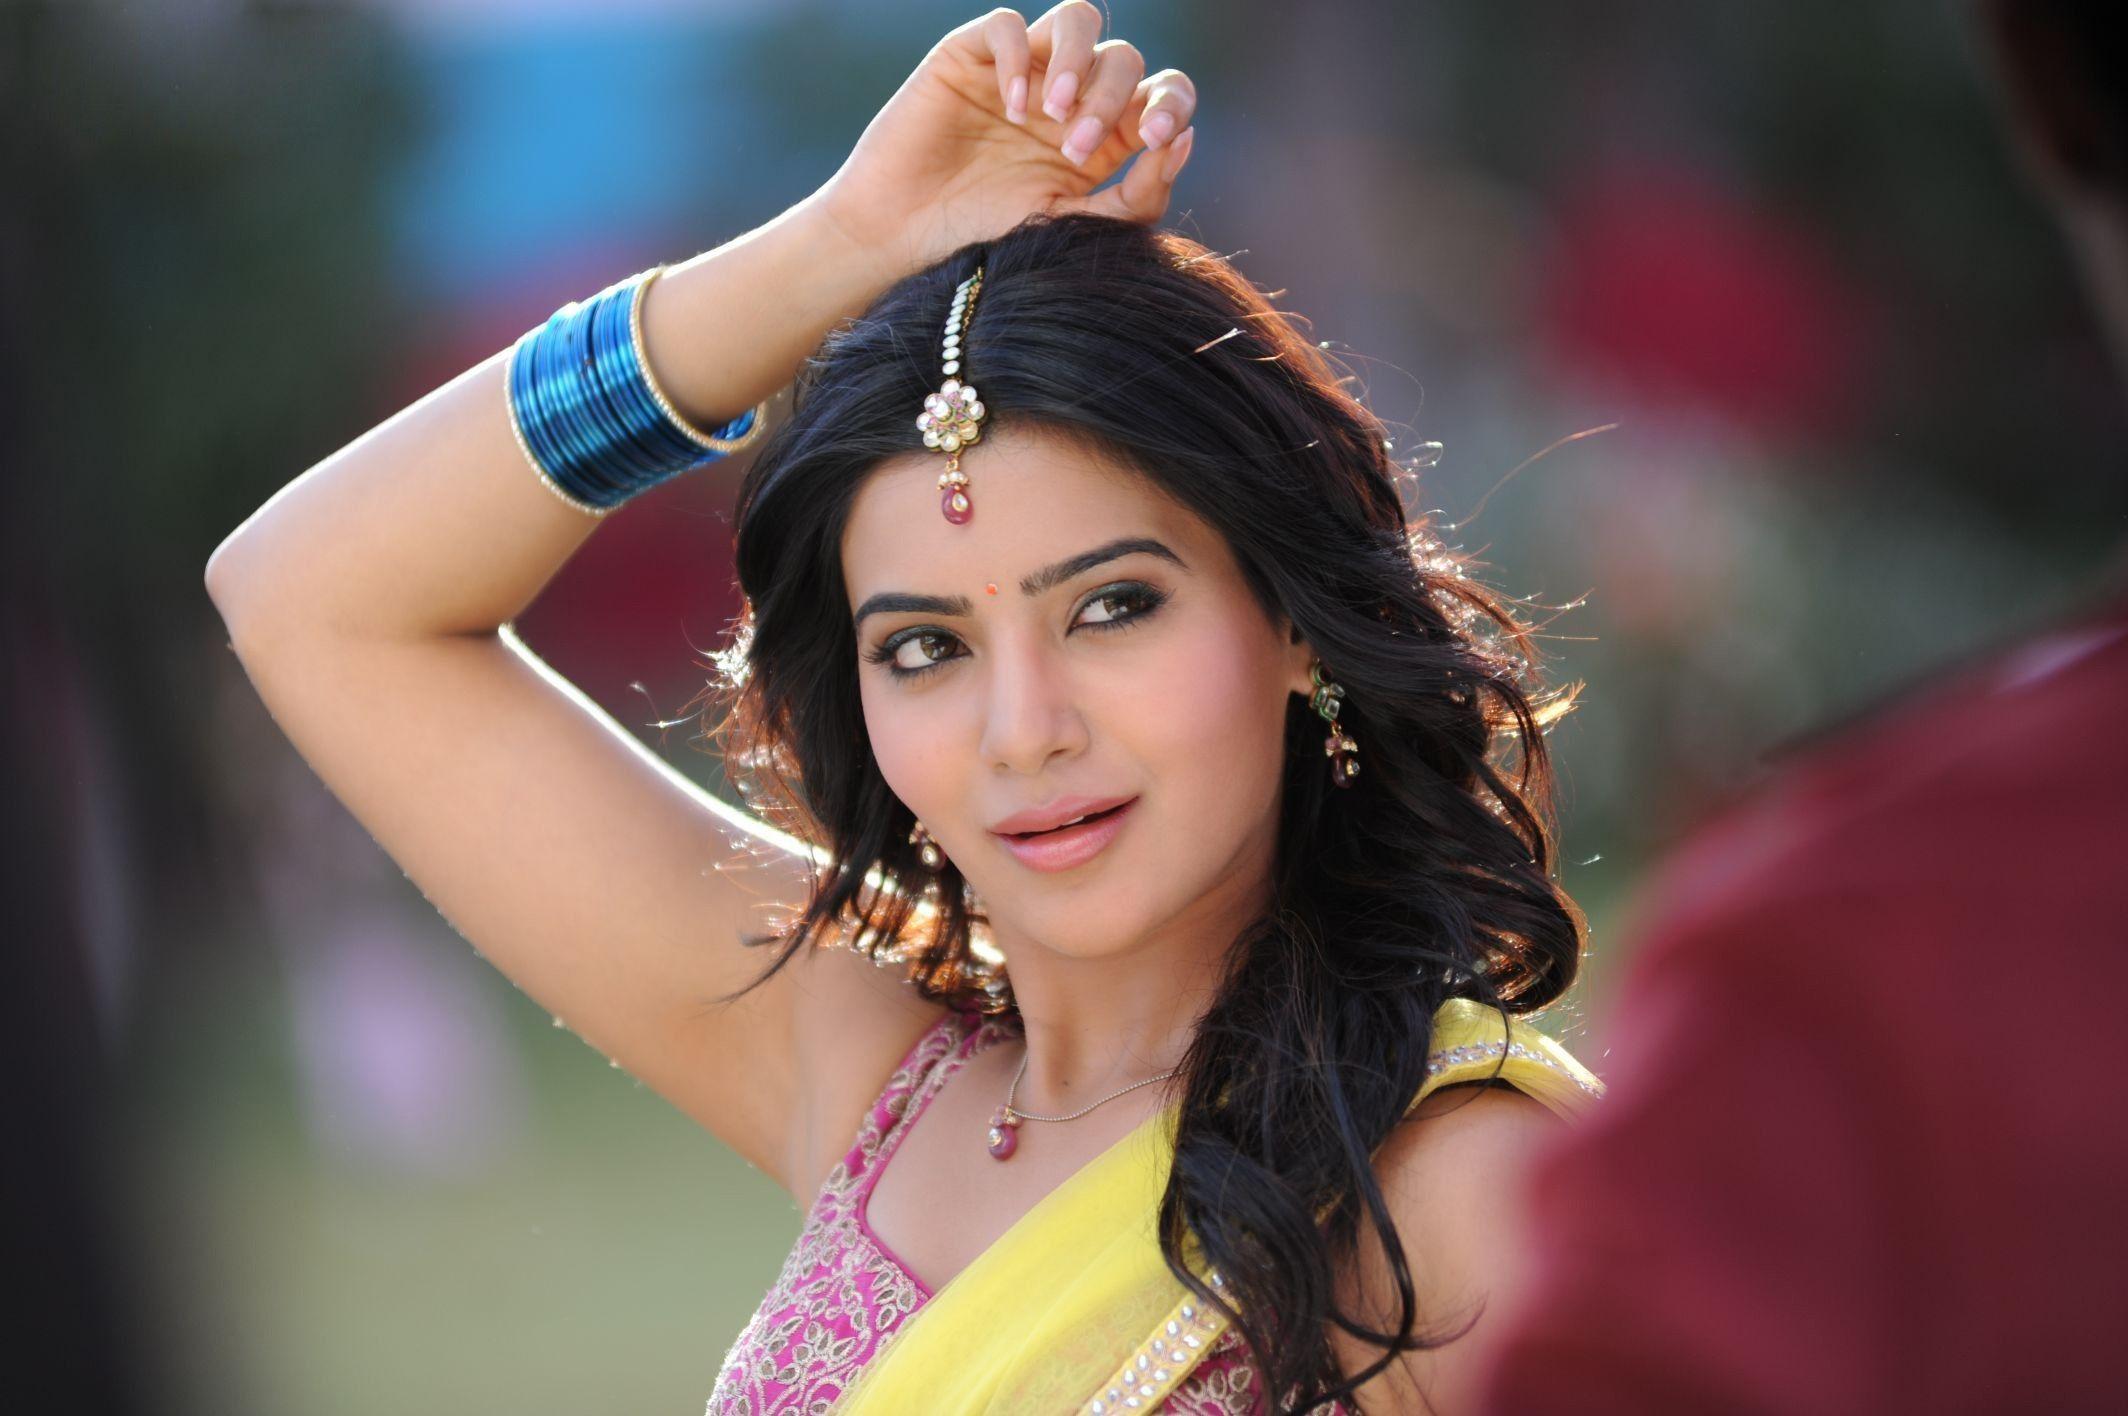 Hd wallpaper bollywood - Bollywood Actress Samantha Hd Wallpaper Hd Wallpapers 201 Actress Pinterest Bollywood Actress Hd Wallpaper And Wallpaper